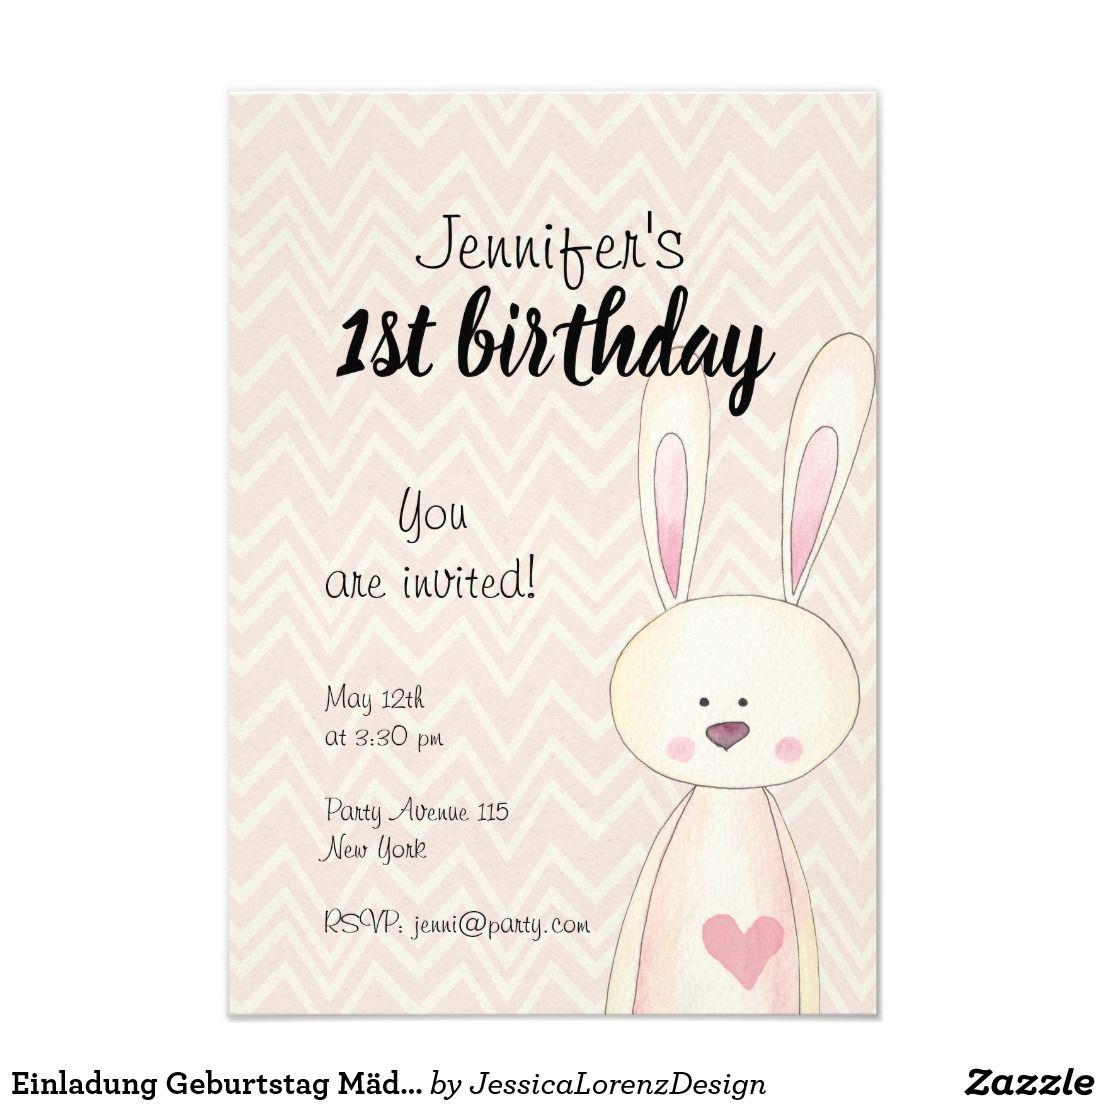 Einladung Geburtstag Madchen Hase Rosa Watercolor Zazzle De